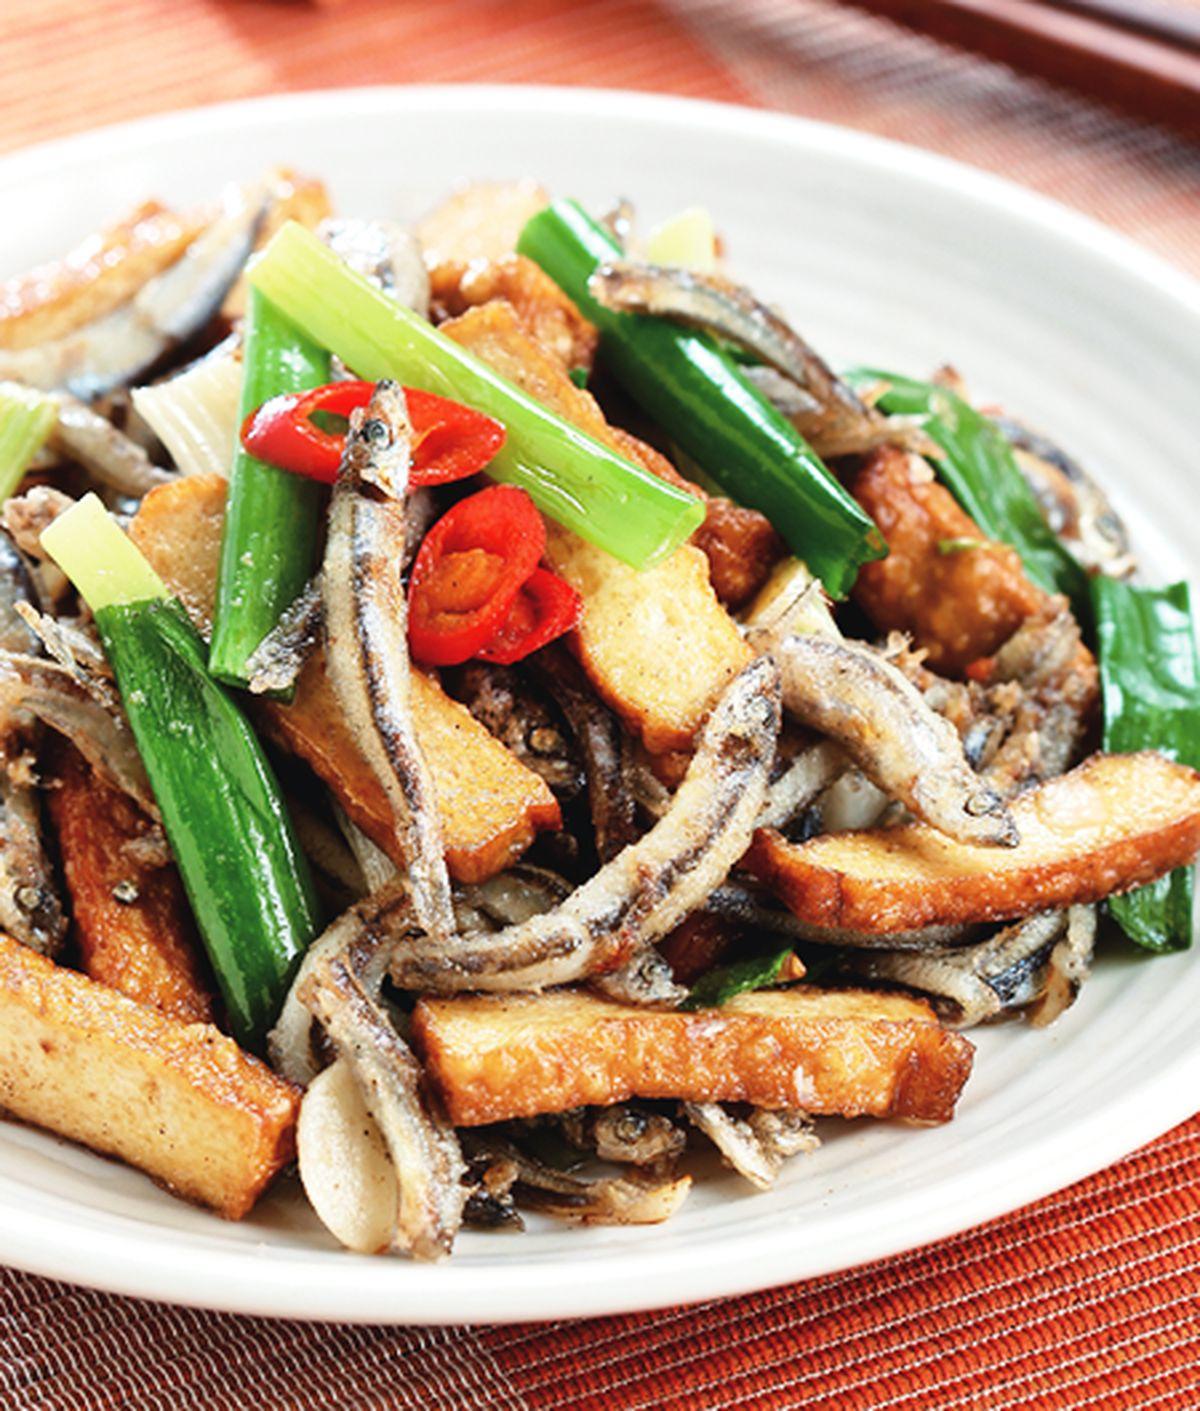 食譜:豆乾炒丁香